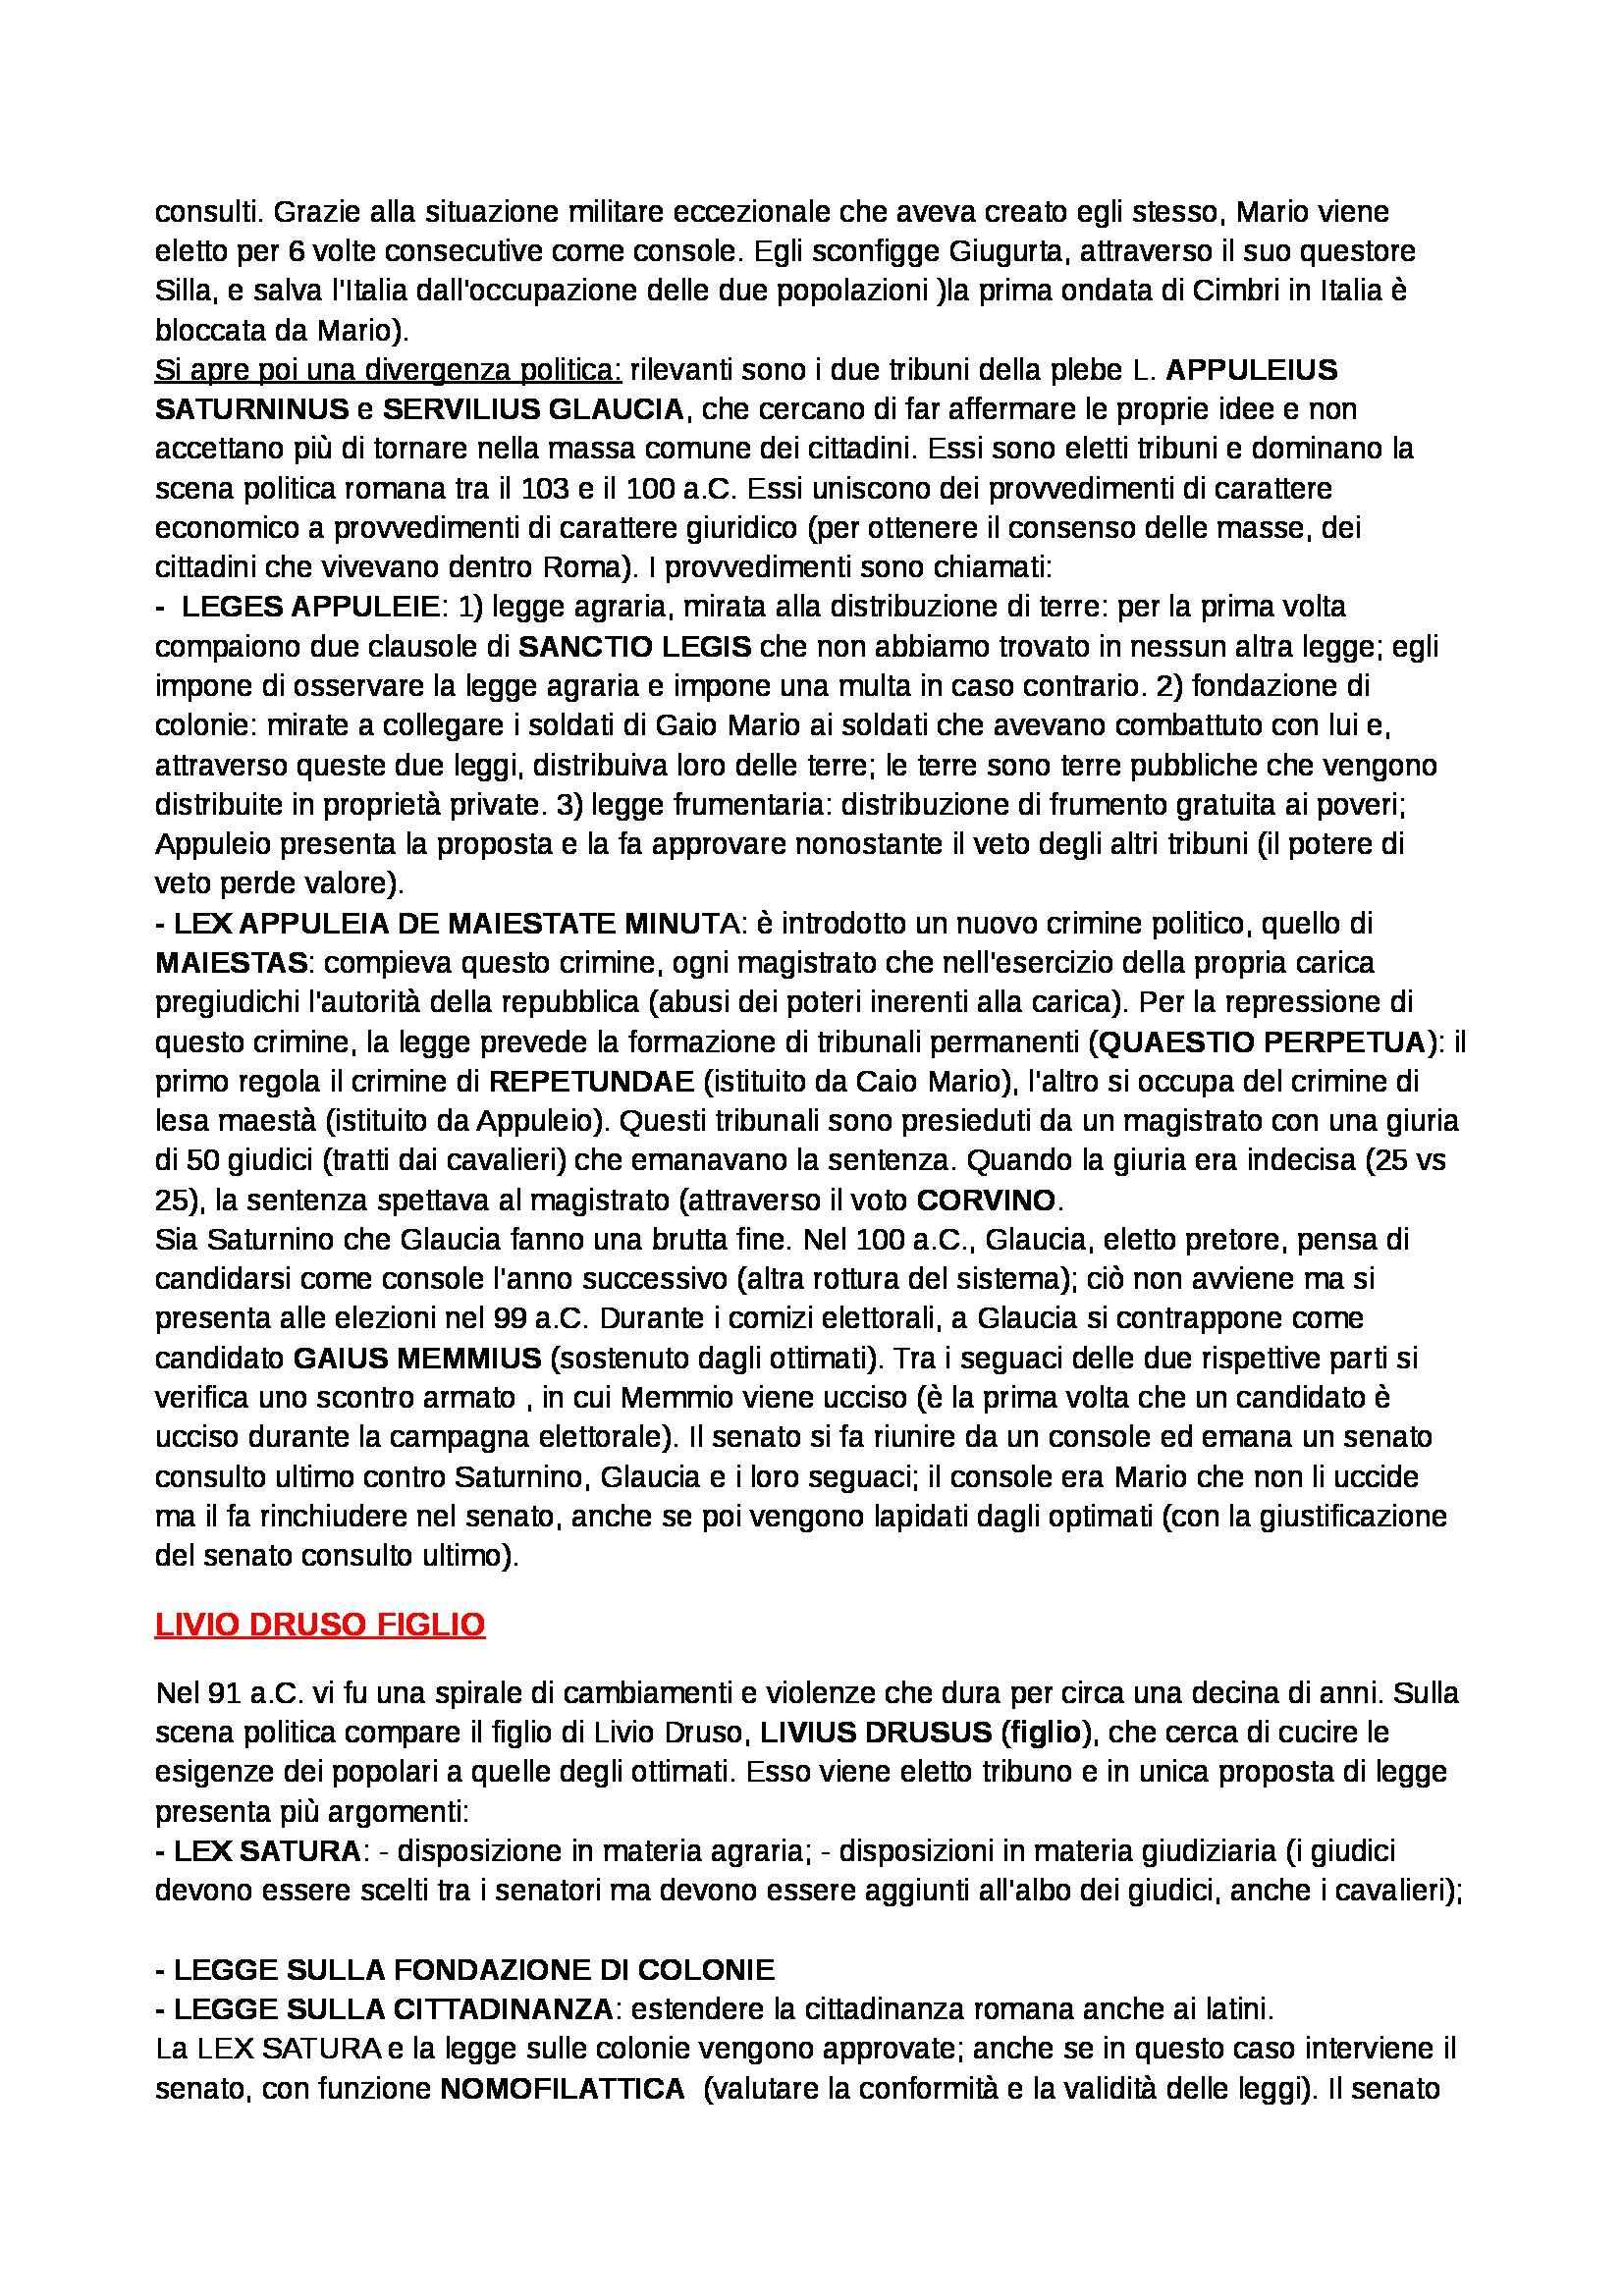 Storia del diritto romano - Appunti Pag. 36